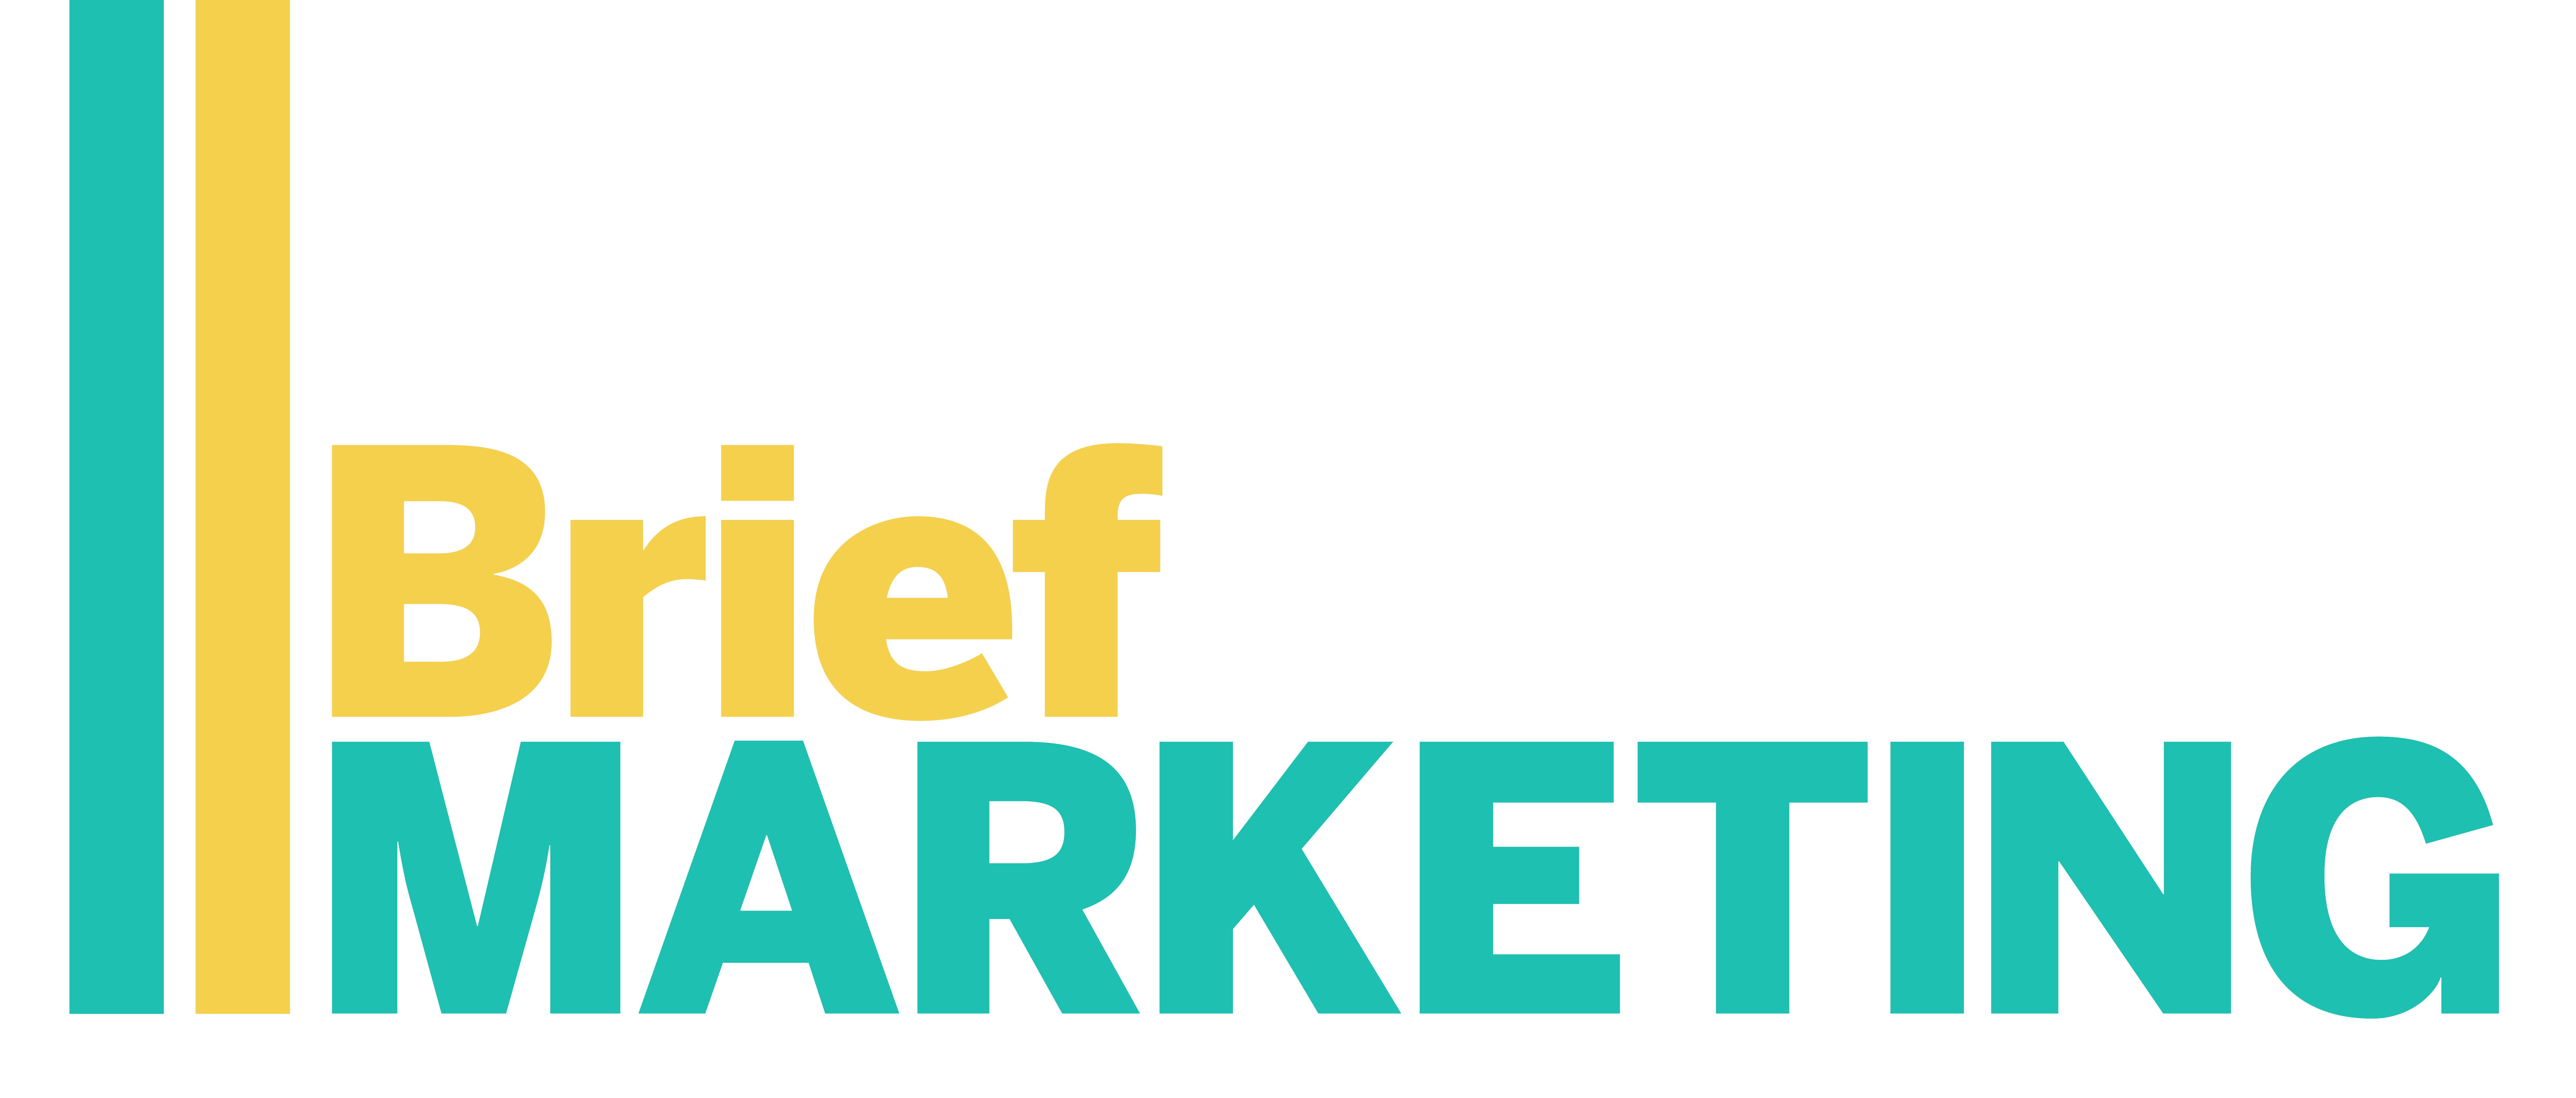 Brief Marketing full logo